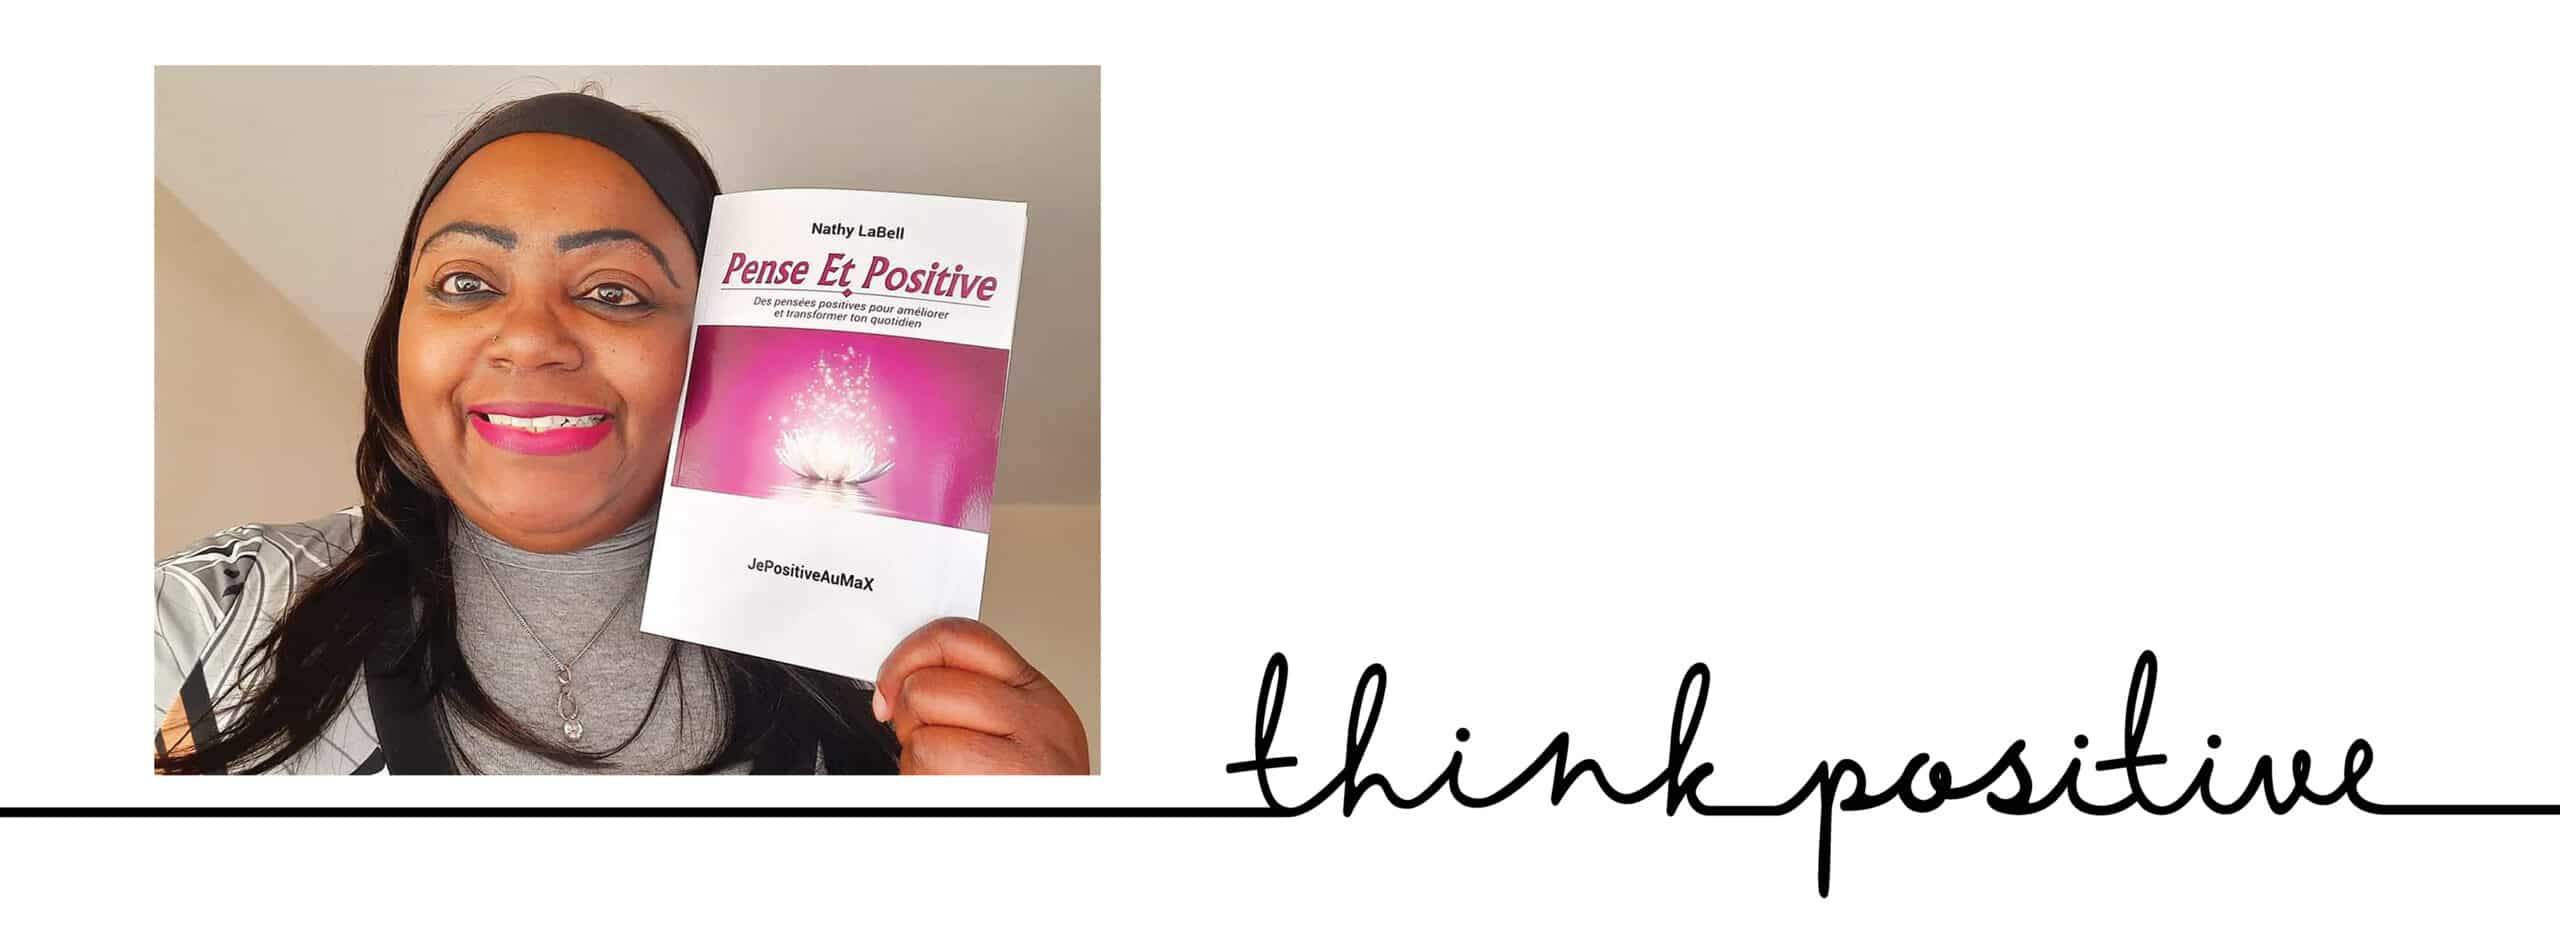 Nathy LaBell : boosteuse de vie positive